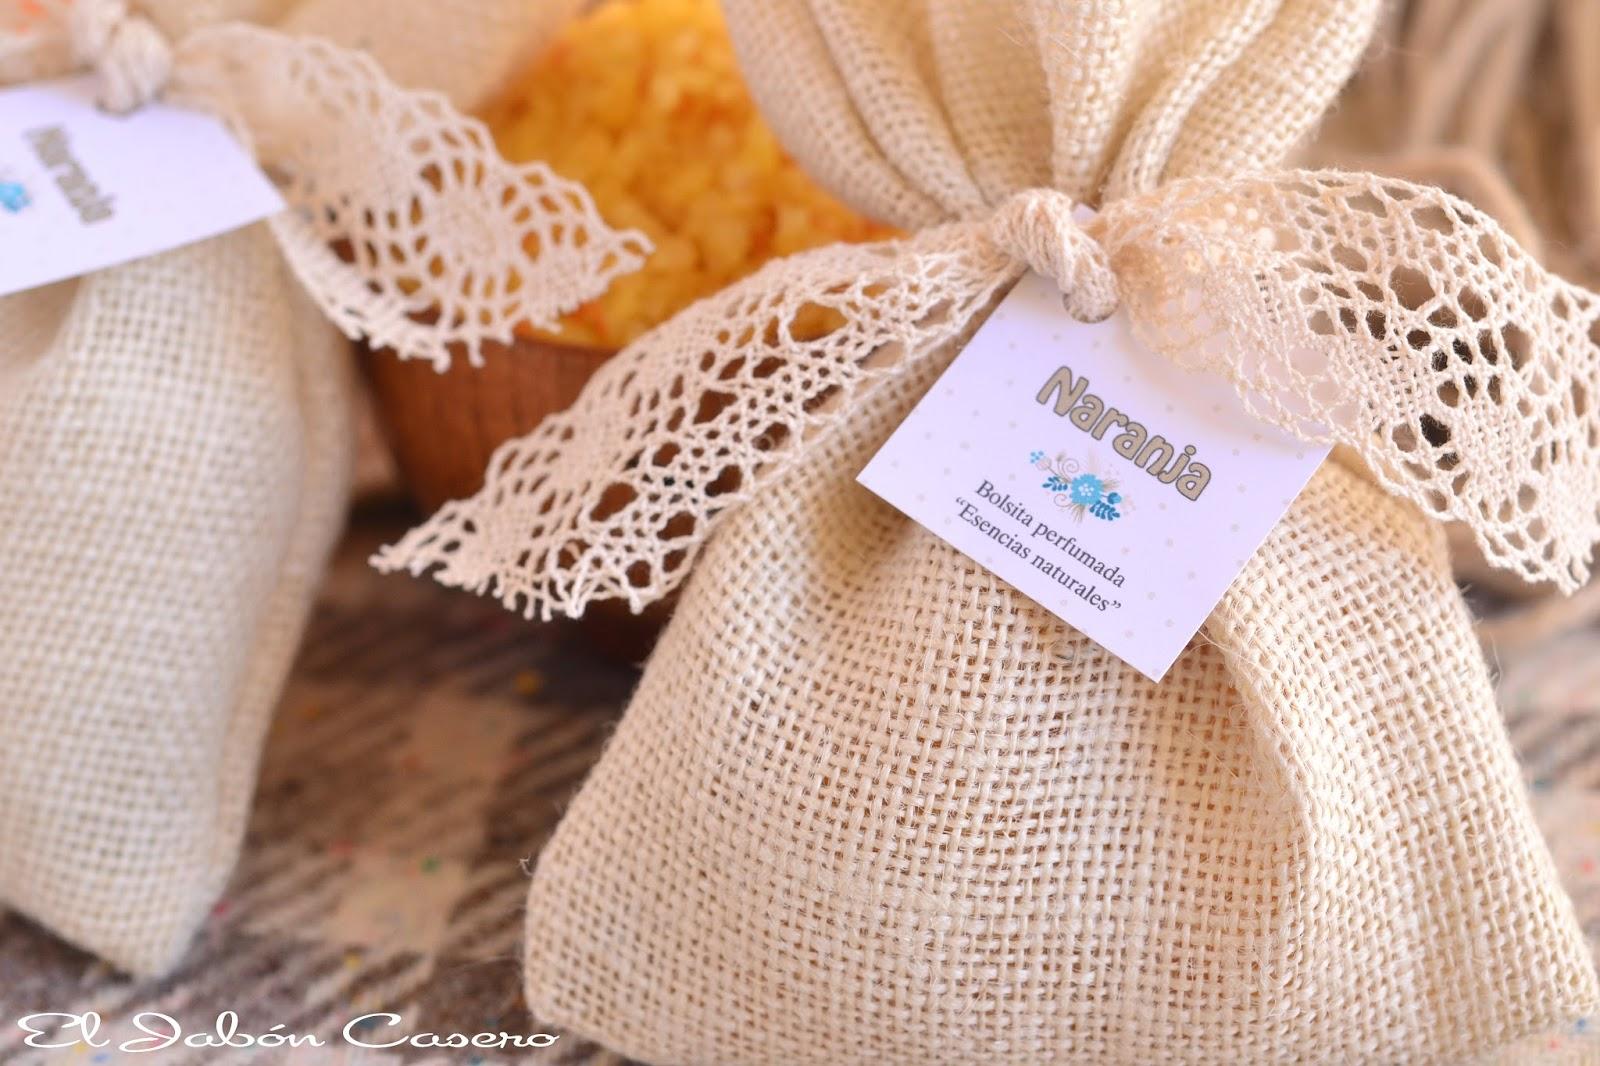 bolsitas perfumadas detalles de boda regalos